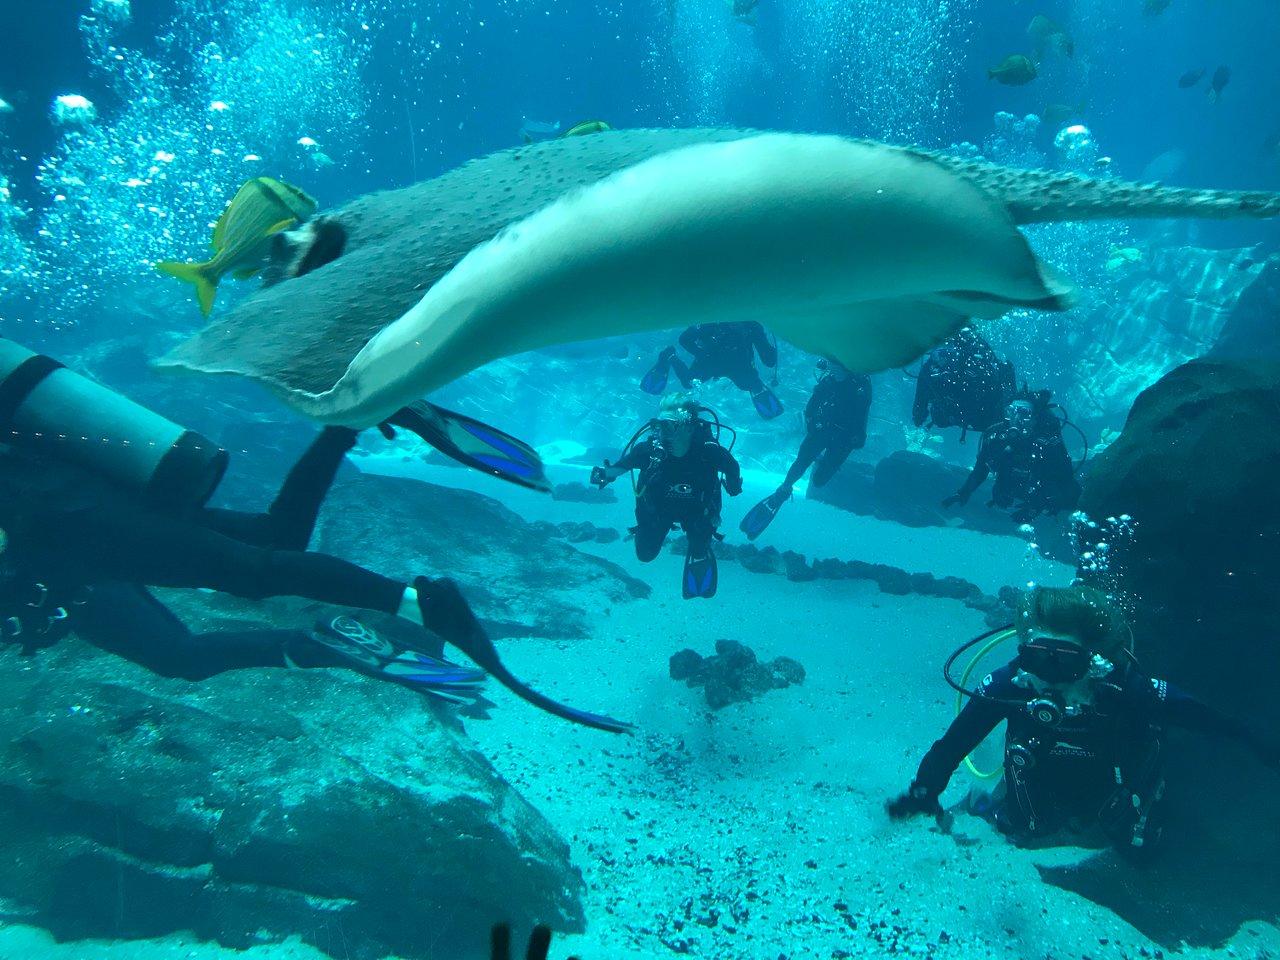 Georgia Aquarium Atlanta 2020 All